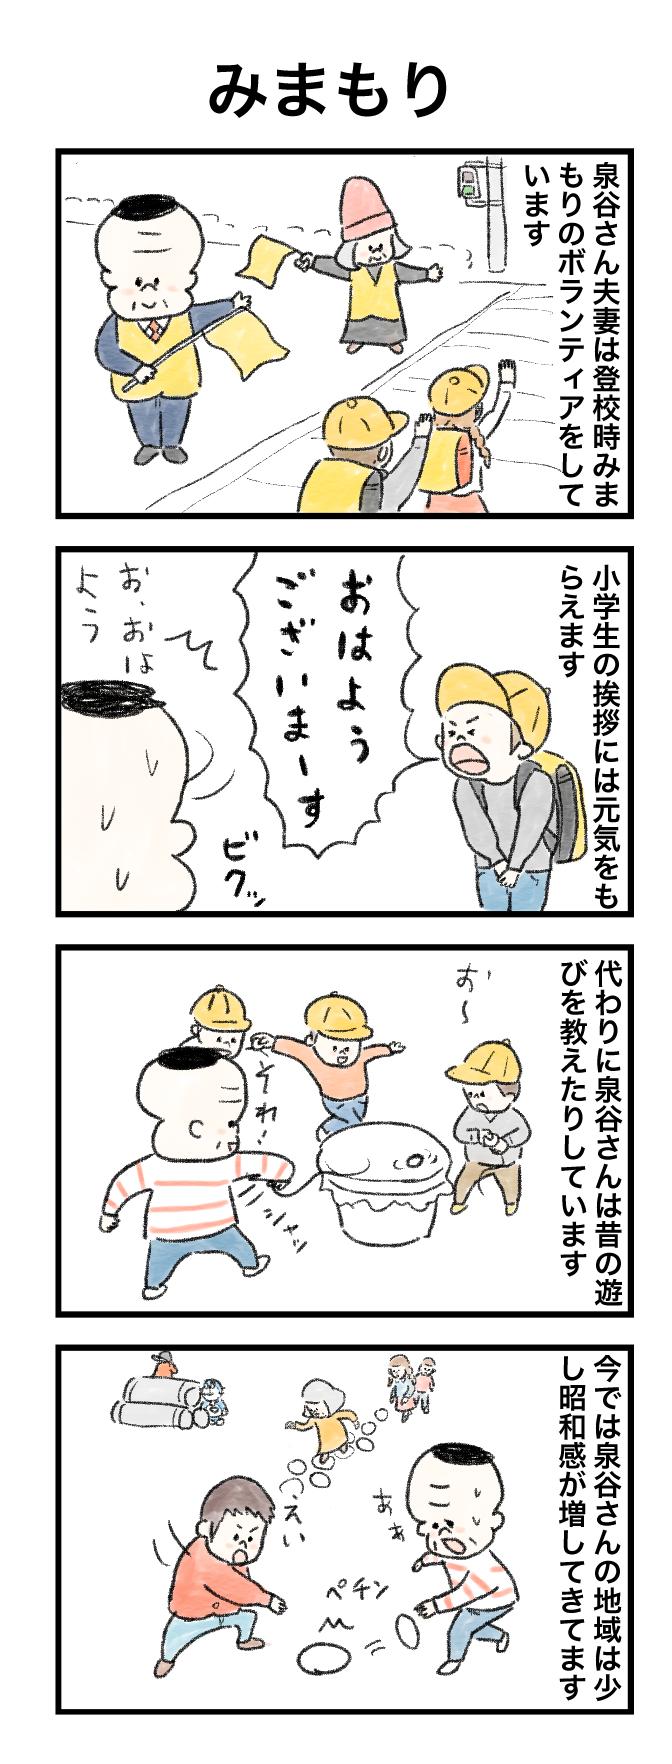 今日の泉谷さん【64】 作:カワサキヒロシ「みまもり」